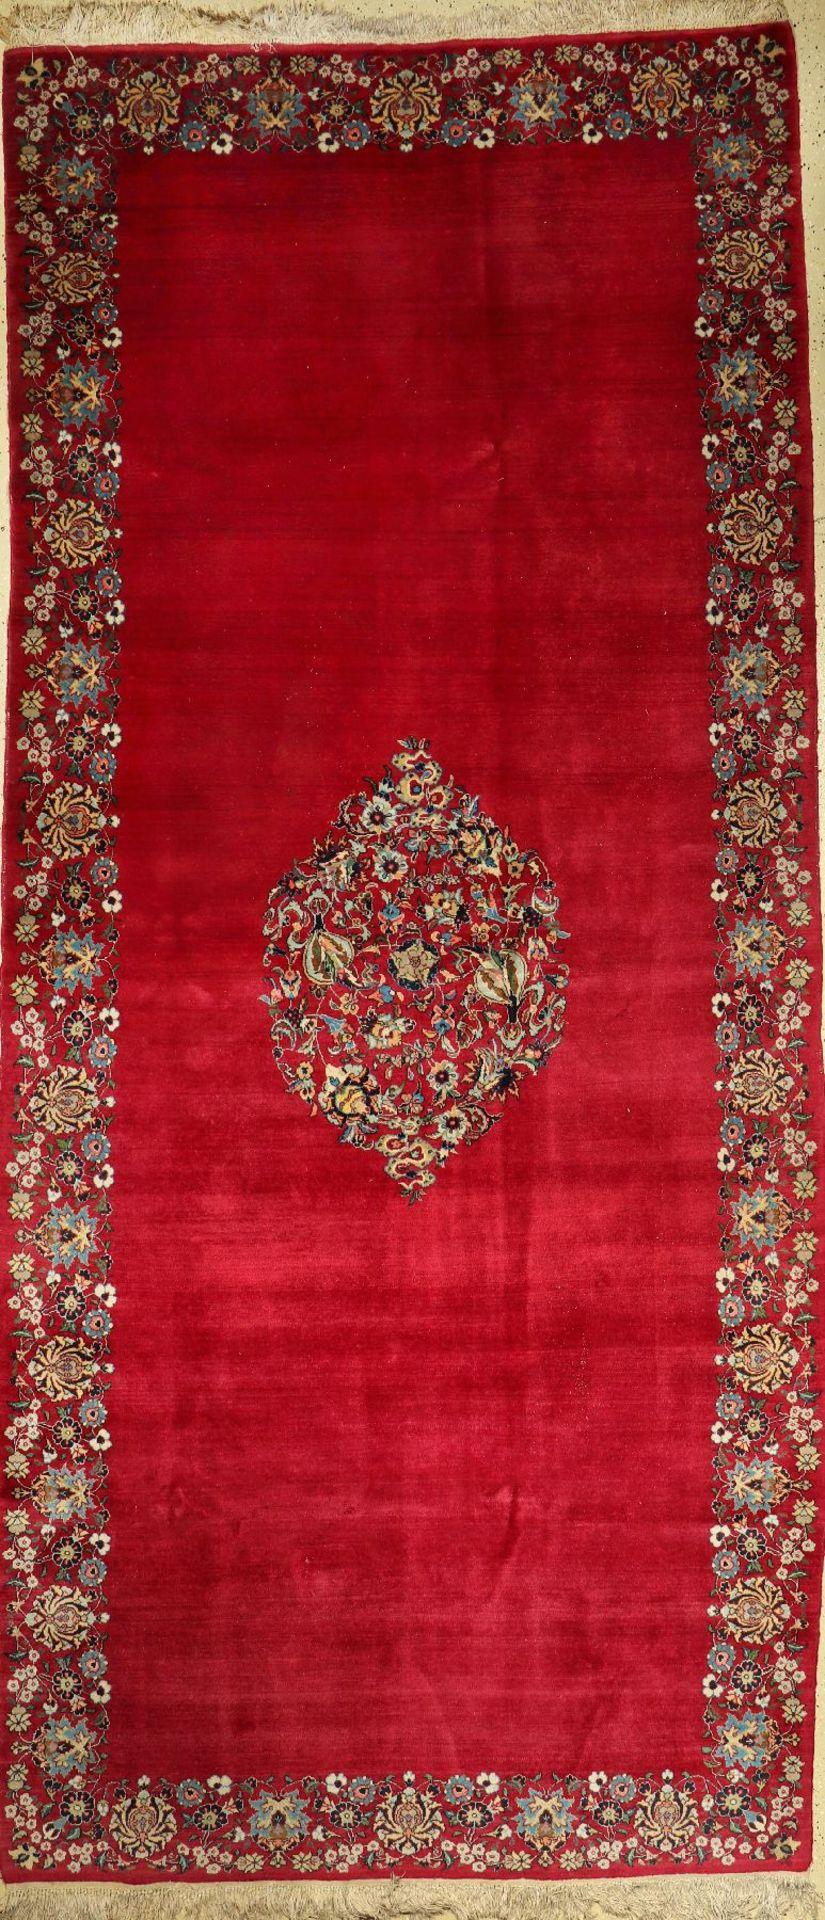 Ostpersischer Teppich alt, Persien, um 1950, Wolle auf Baumwolle, ca. 410 x 184 cm, EHZ: 2